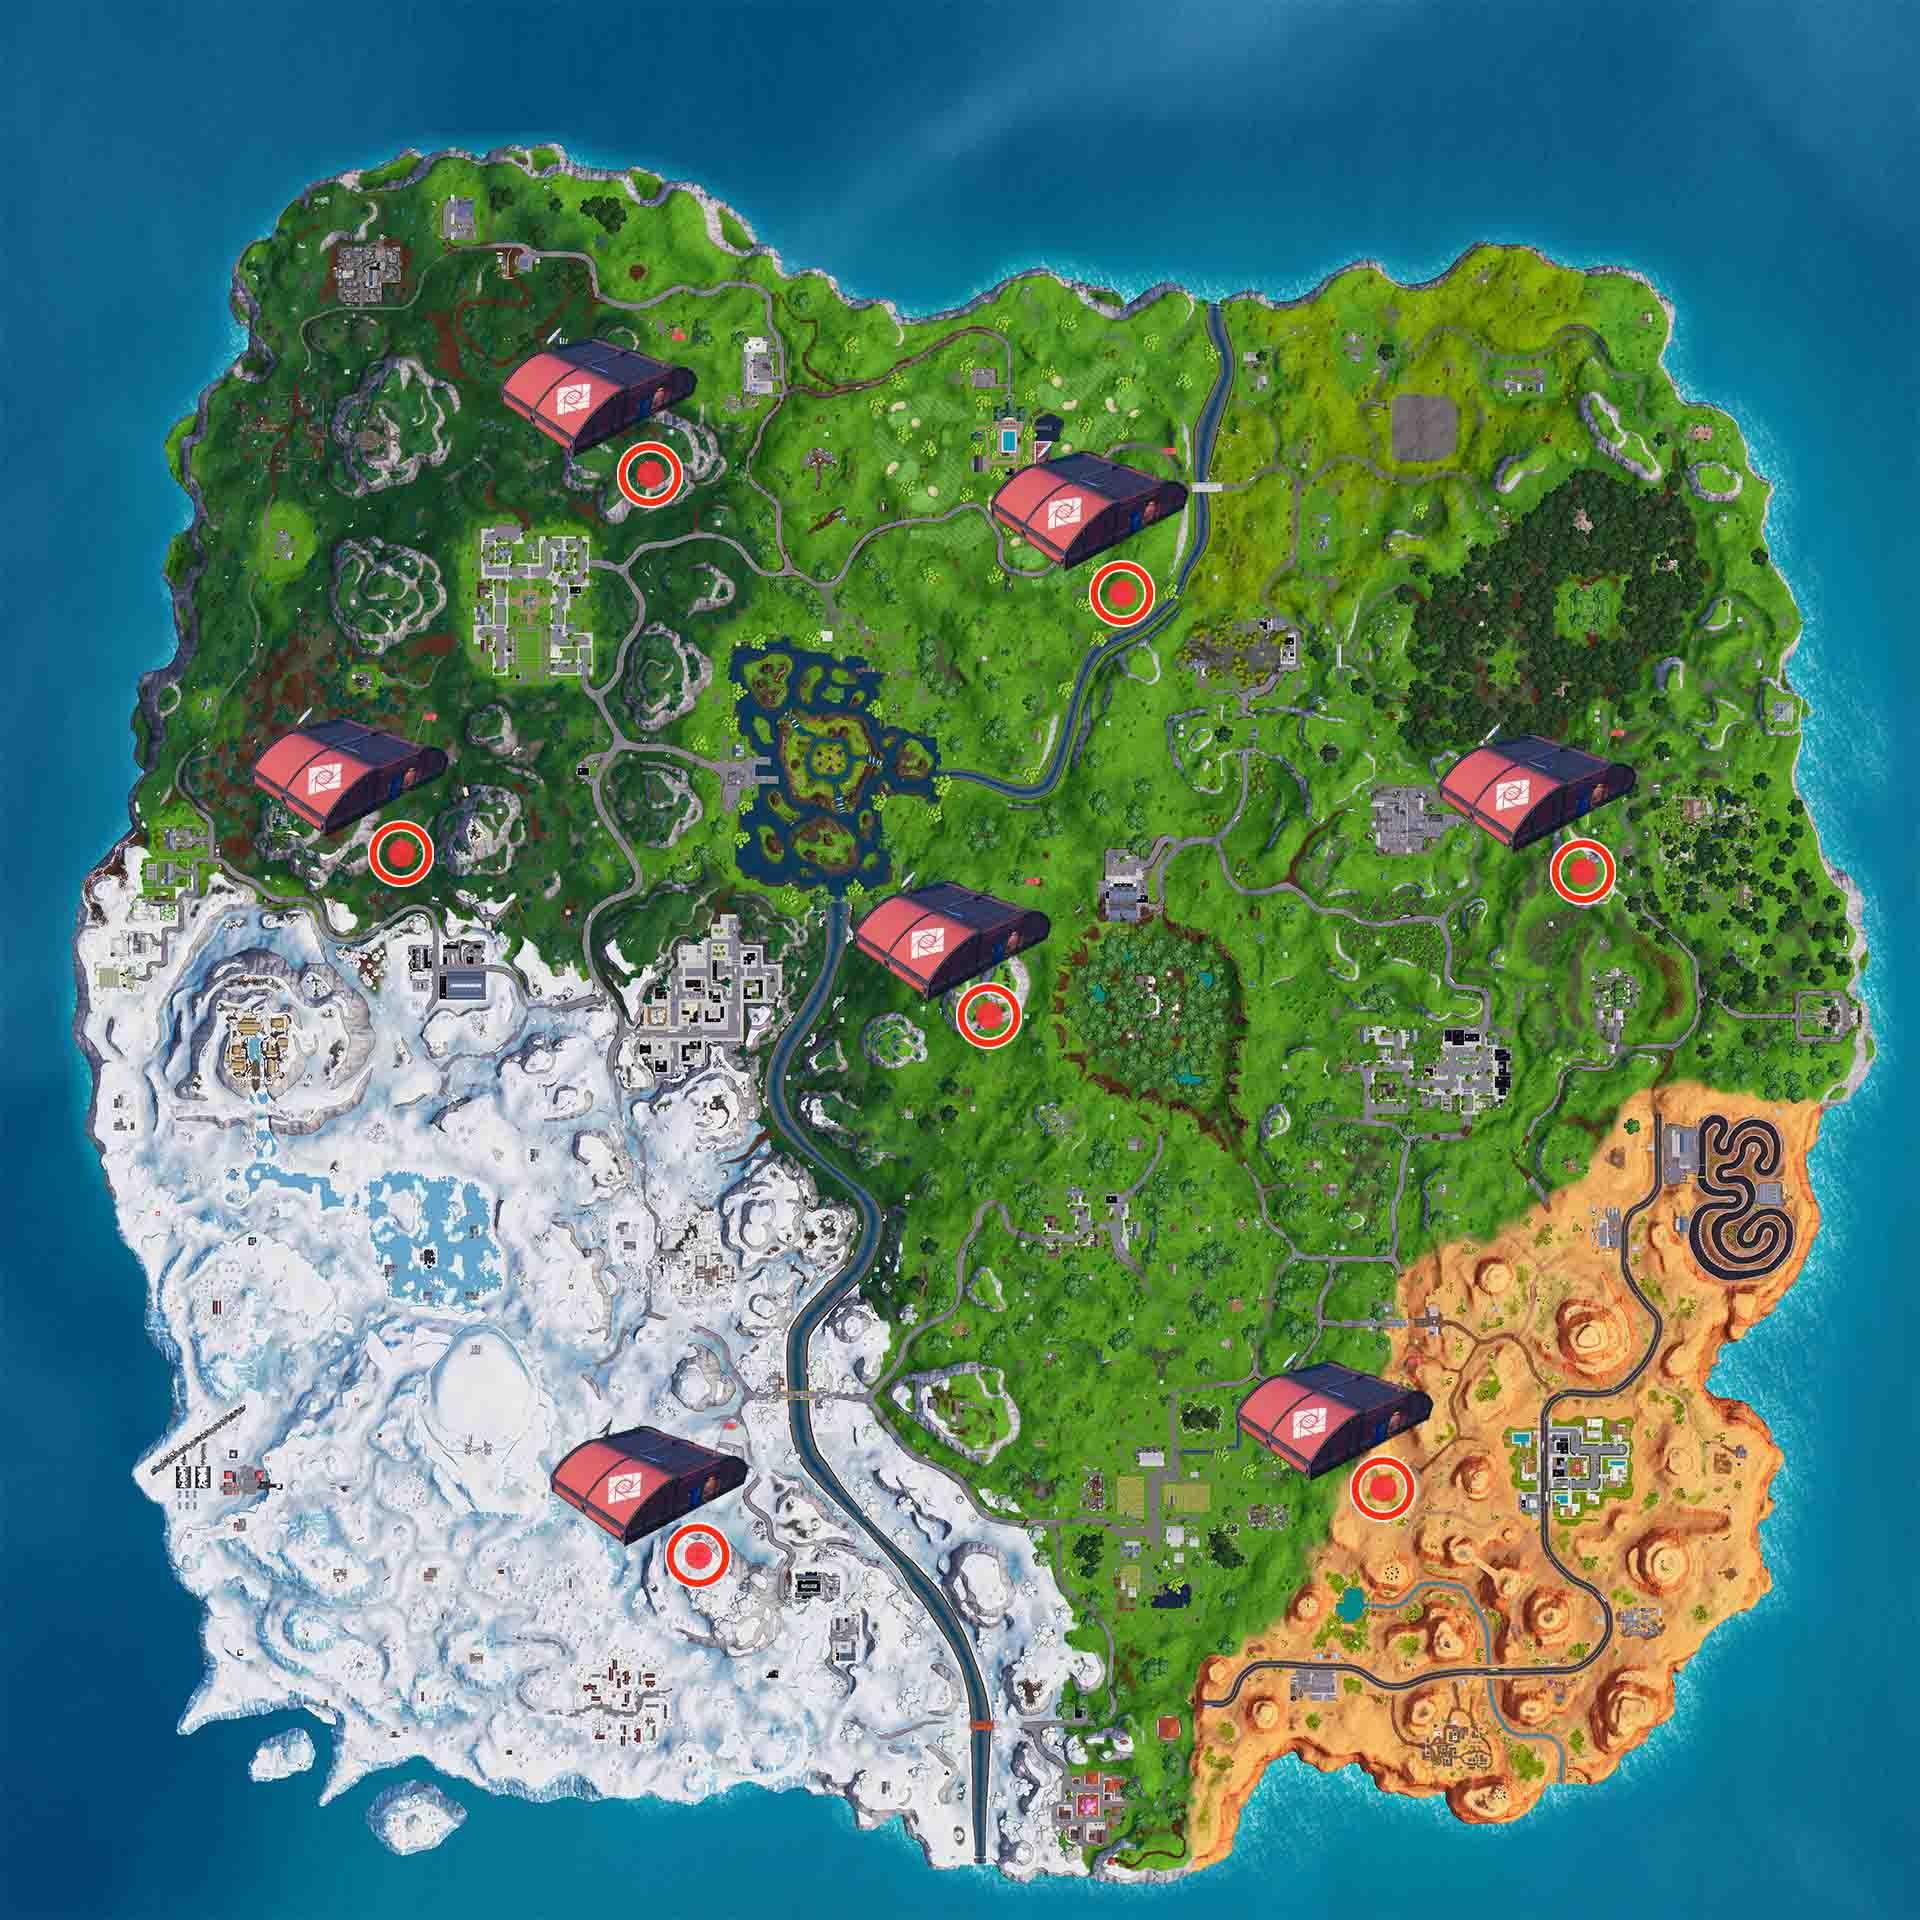 Puestos de avanzada de la expedición en Fortnite mapa